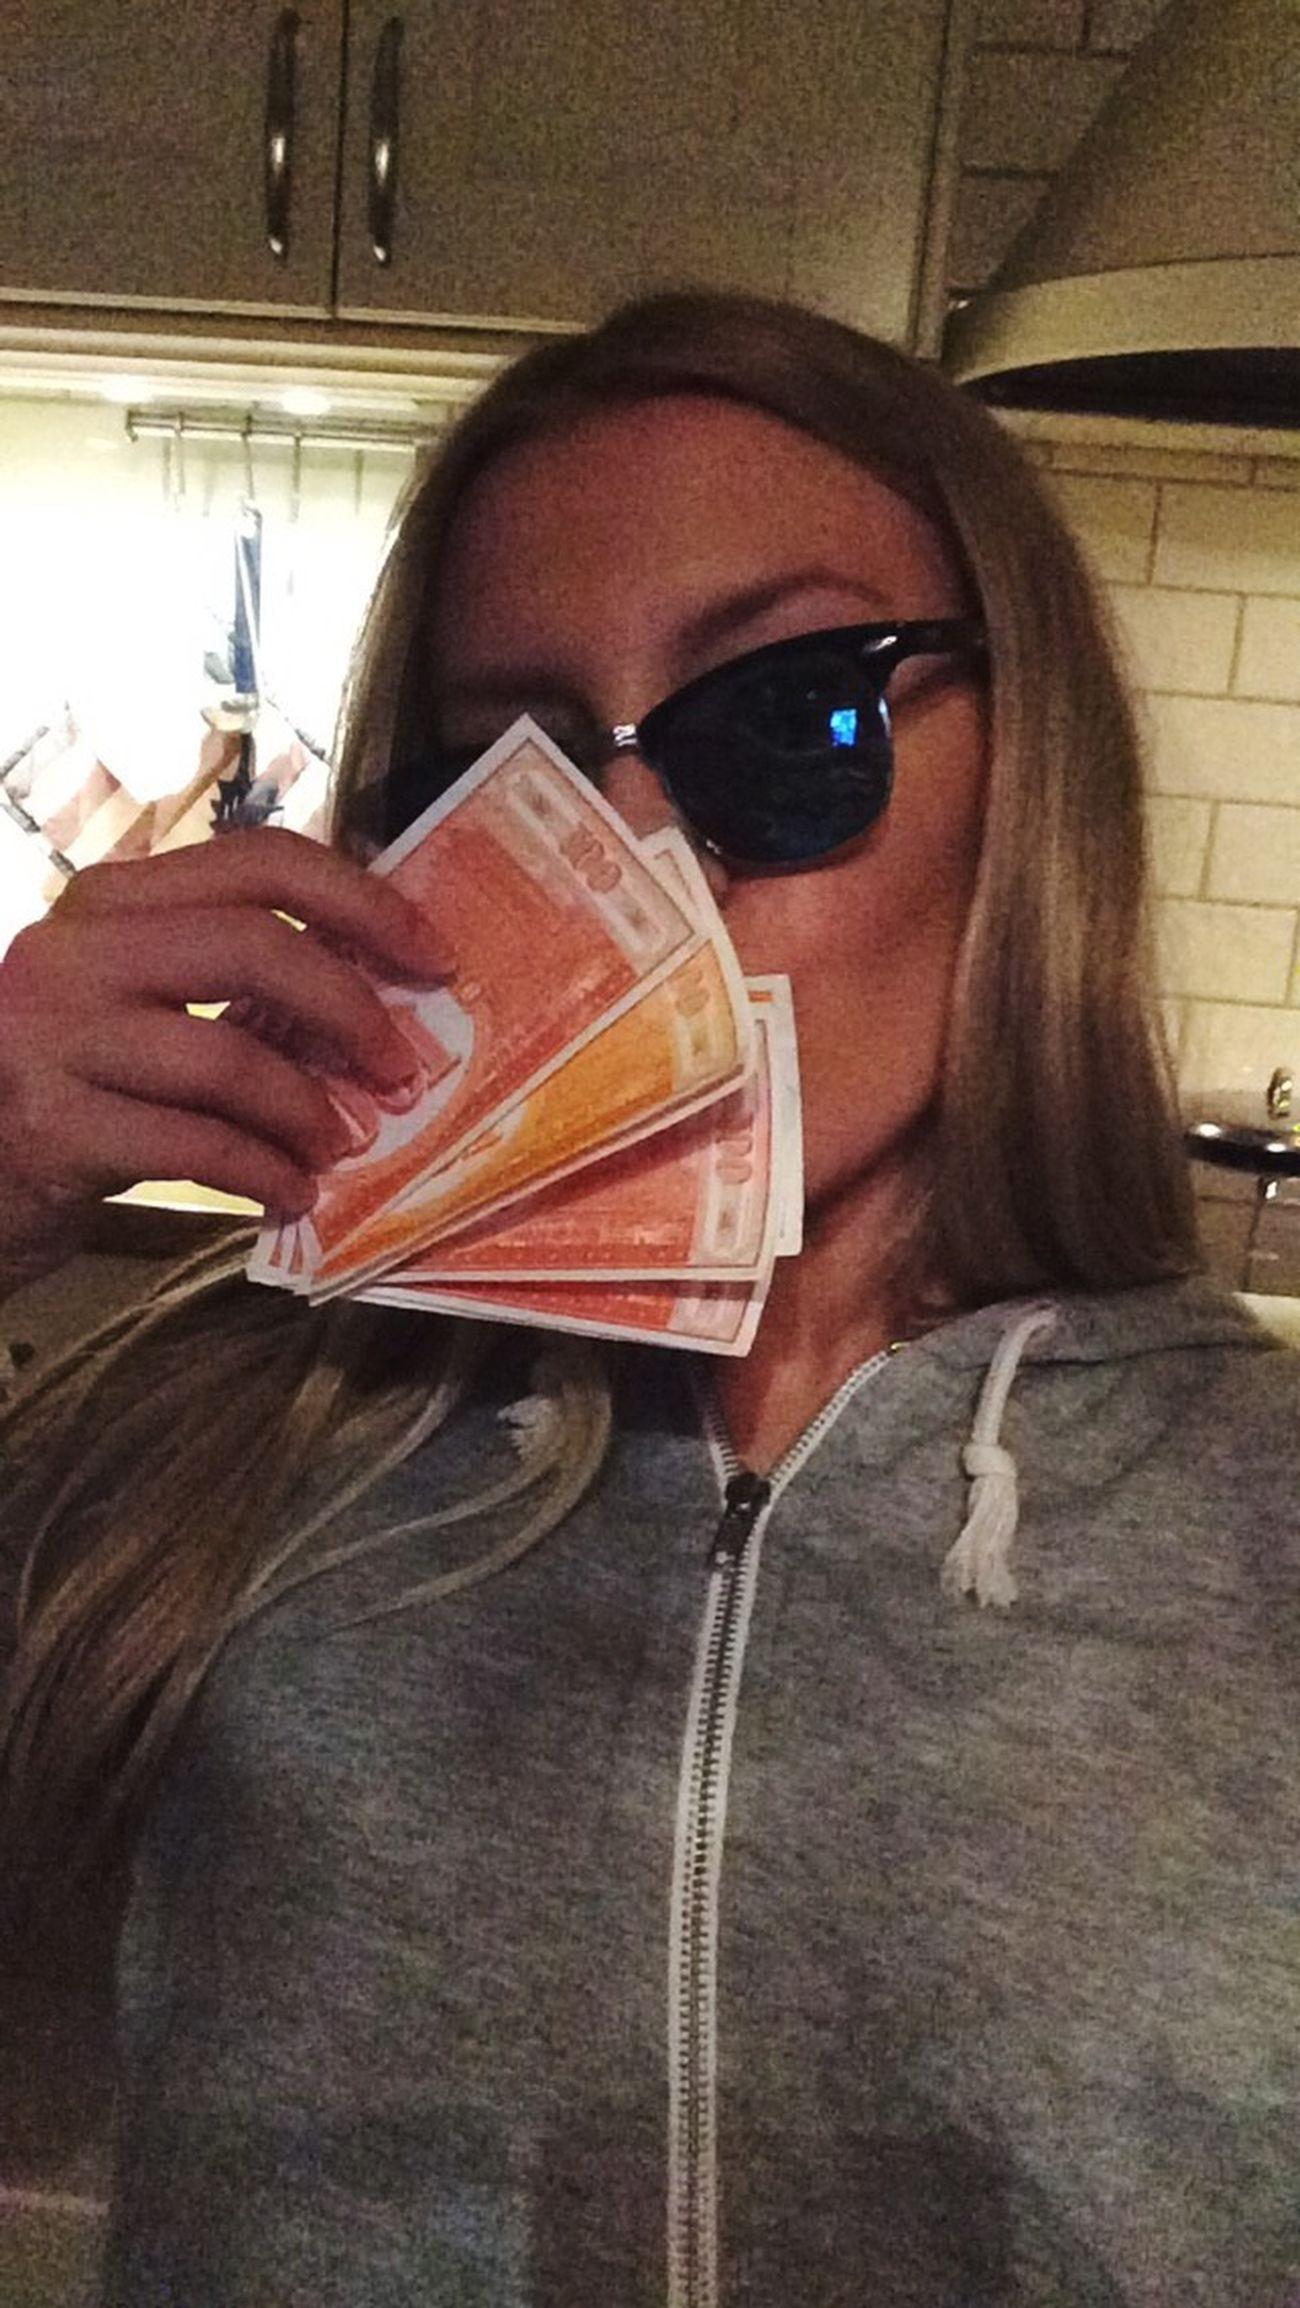 Ikväll piskade jag motståndet i monopol Eller Konkasomfan Segt